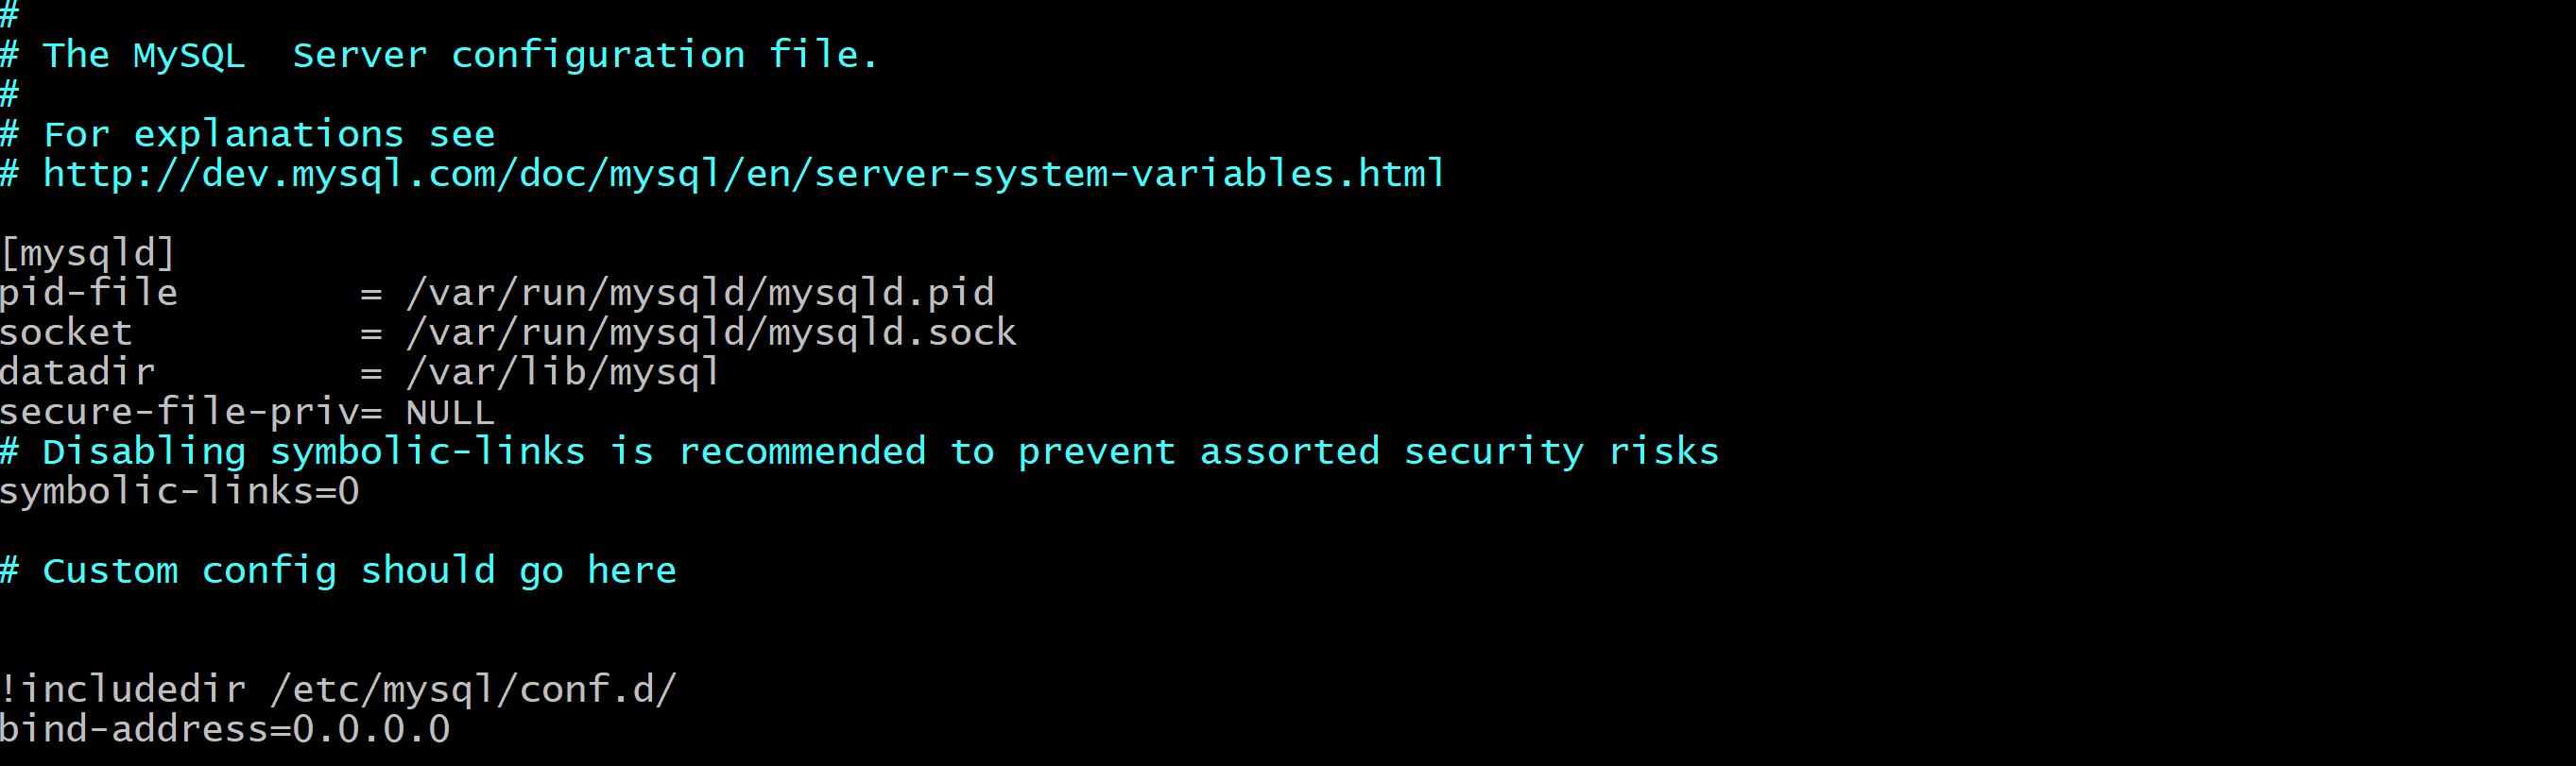 Kontener z MySQL zdj.13